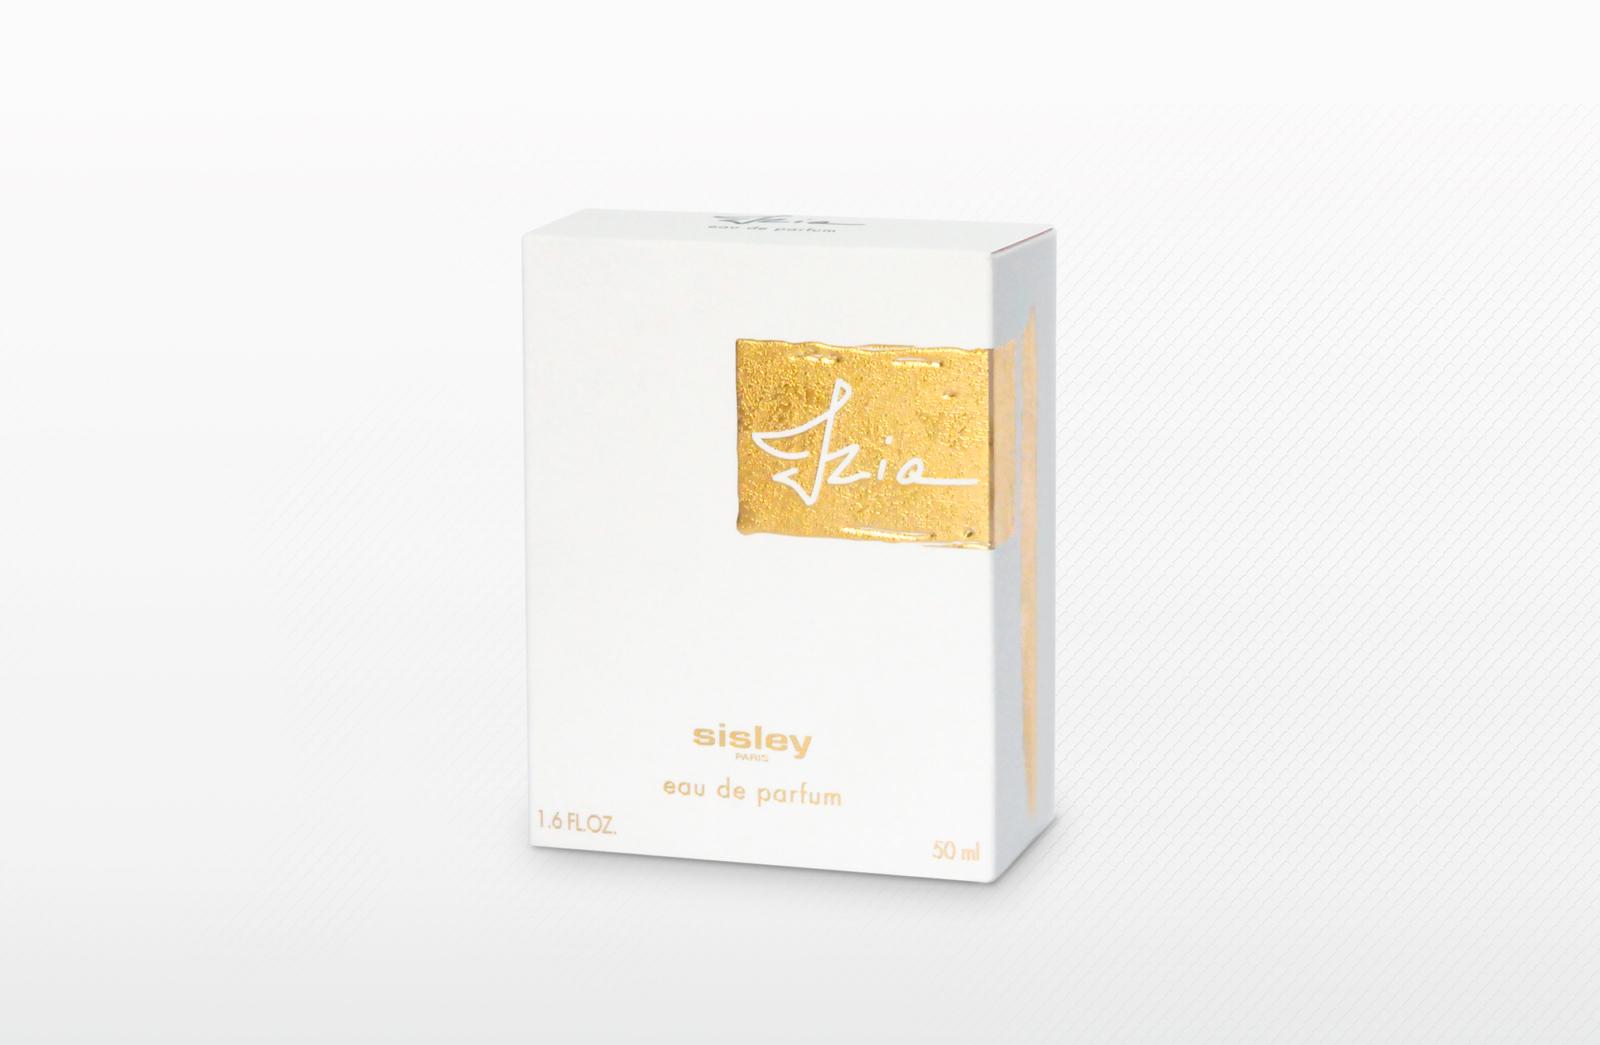 SIsley IZIA - Un design pensé par l'agence de design de Paris Partisan du Sens.